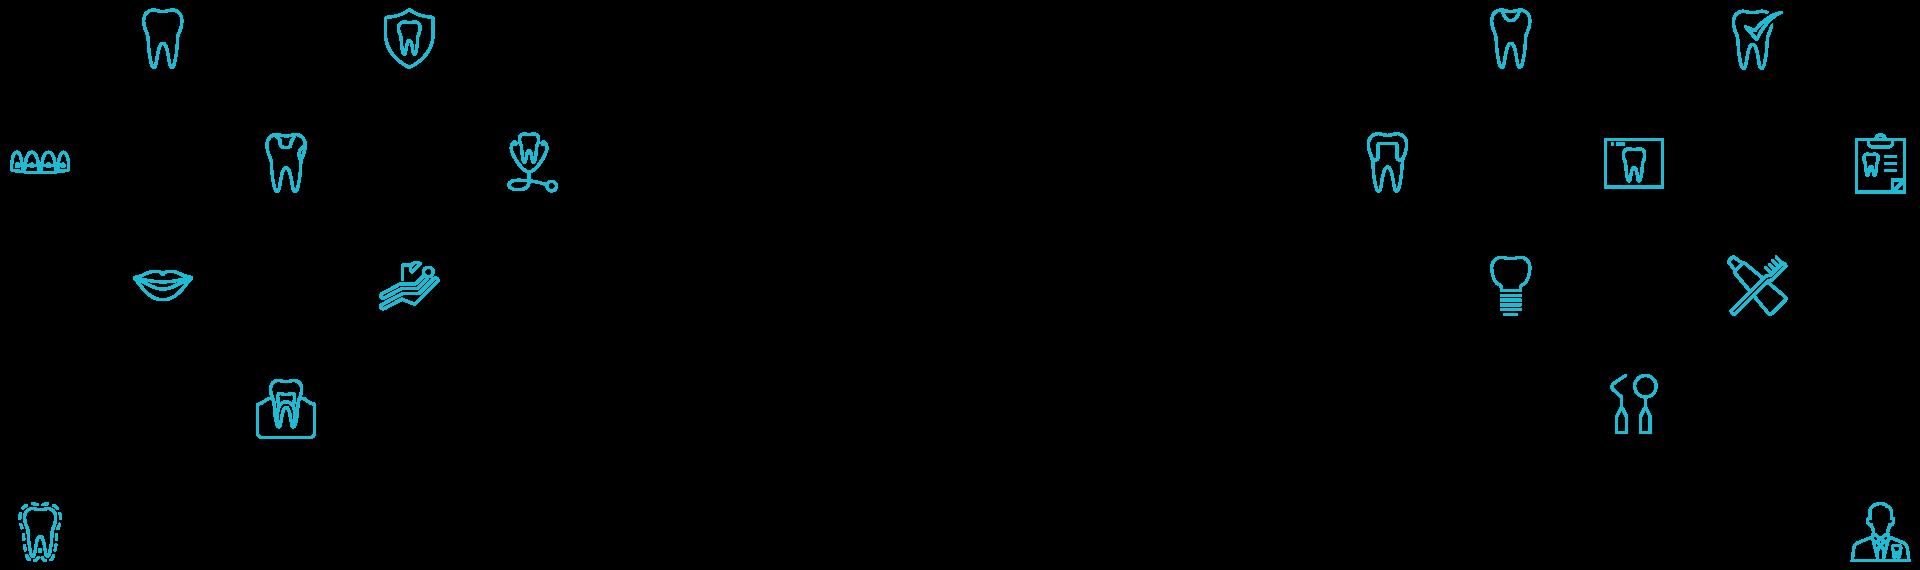 Dental icon - mendelsohn dental